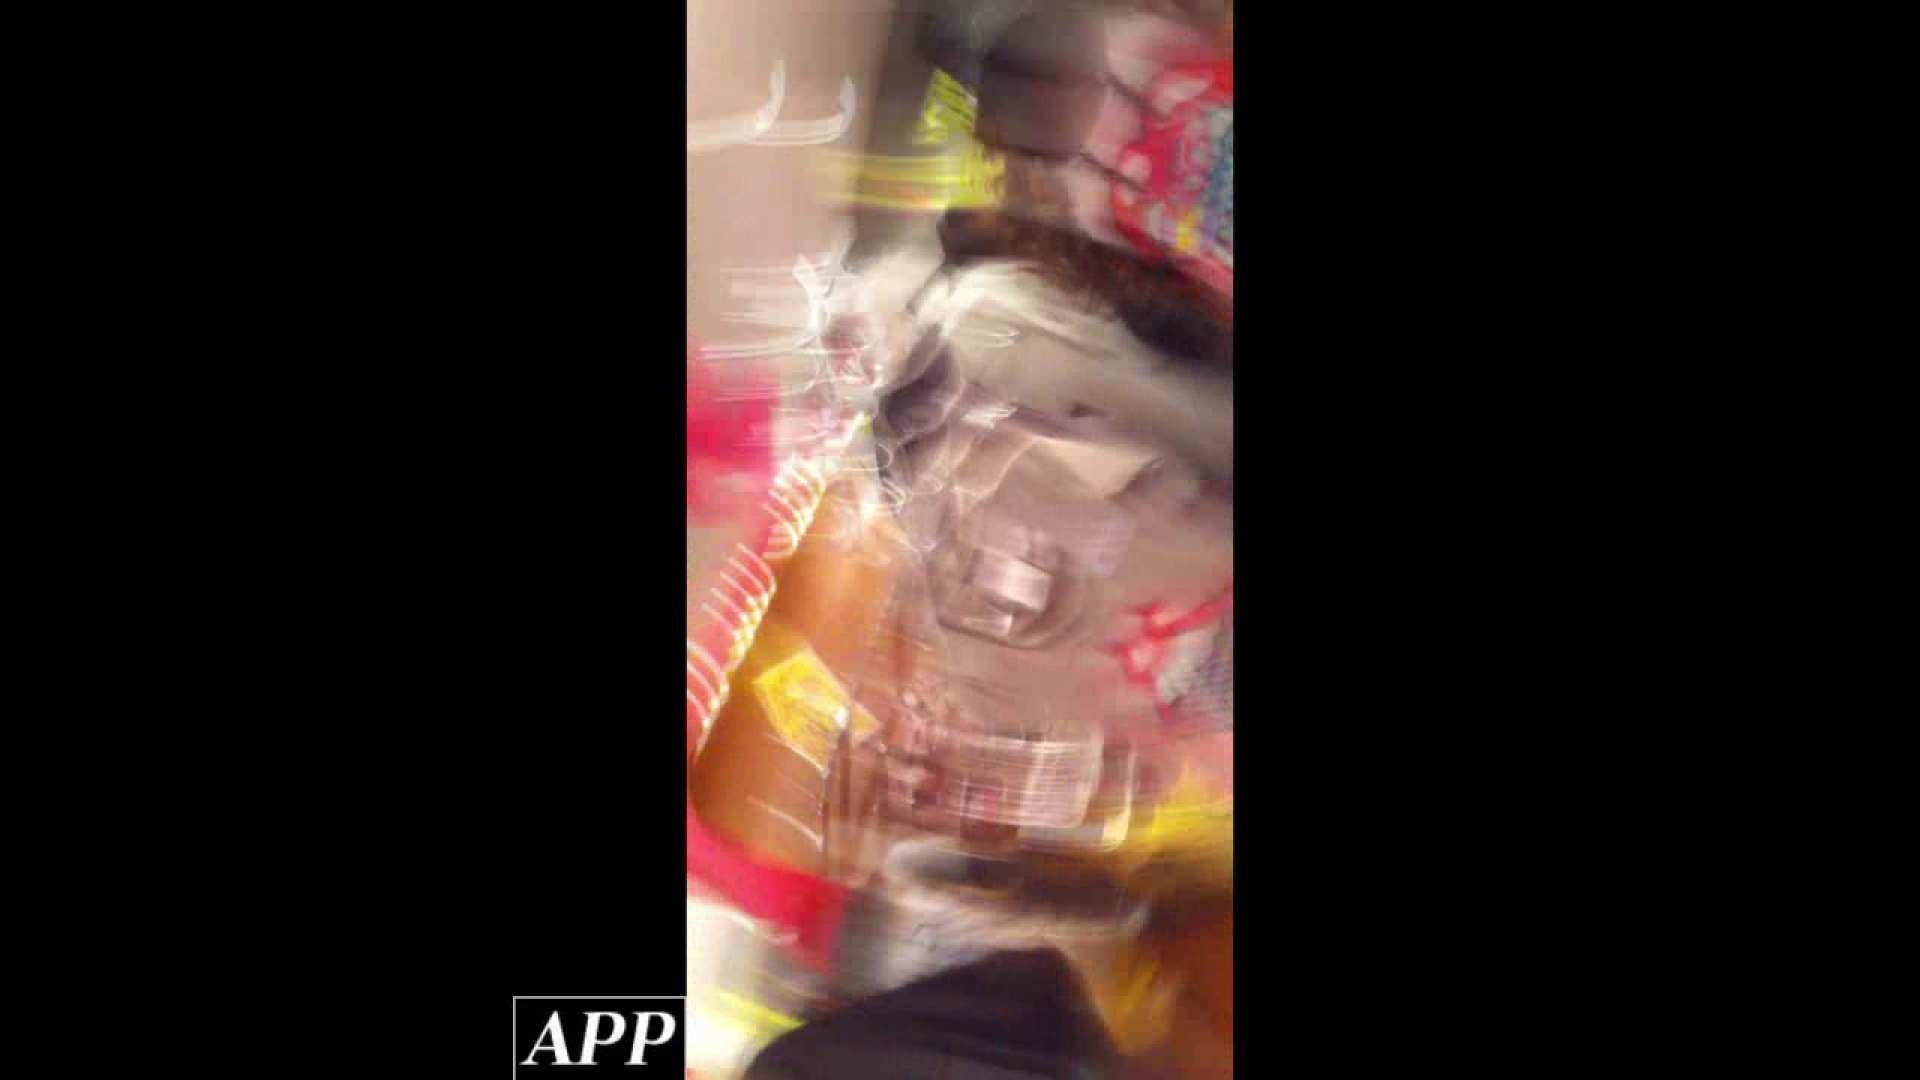 ハイビジョン盗撮!ショップ店員千人斬り!胸チラ編 vol.91 盗撮 おまんこ無修正動画無料 73PICs 63